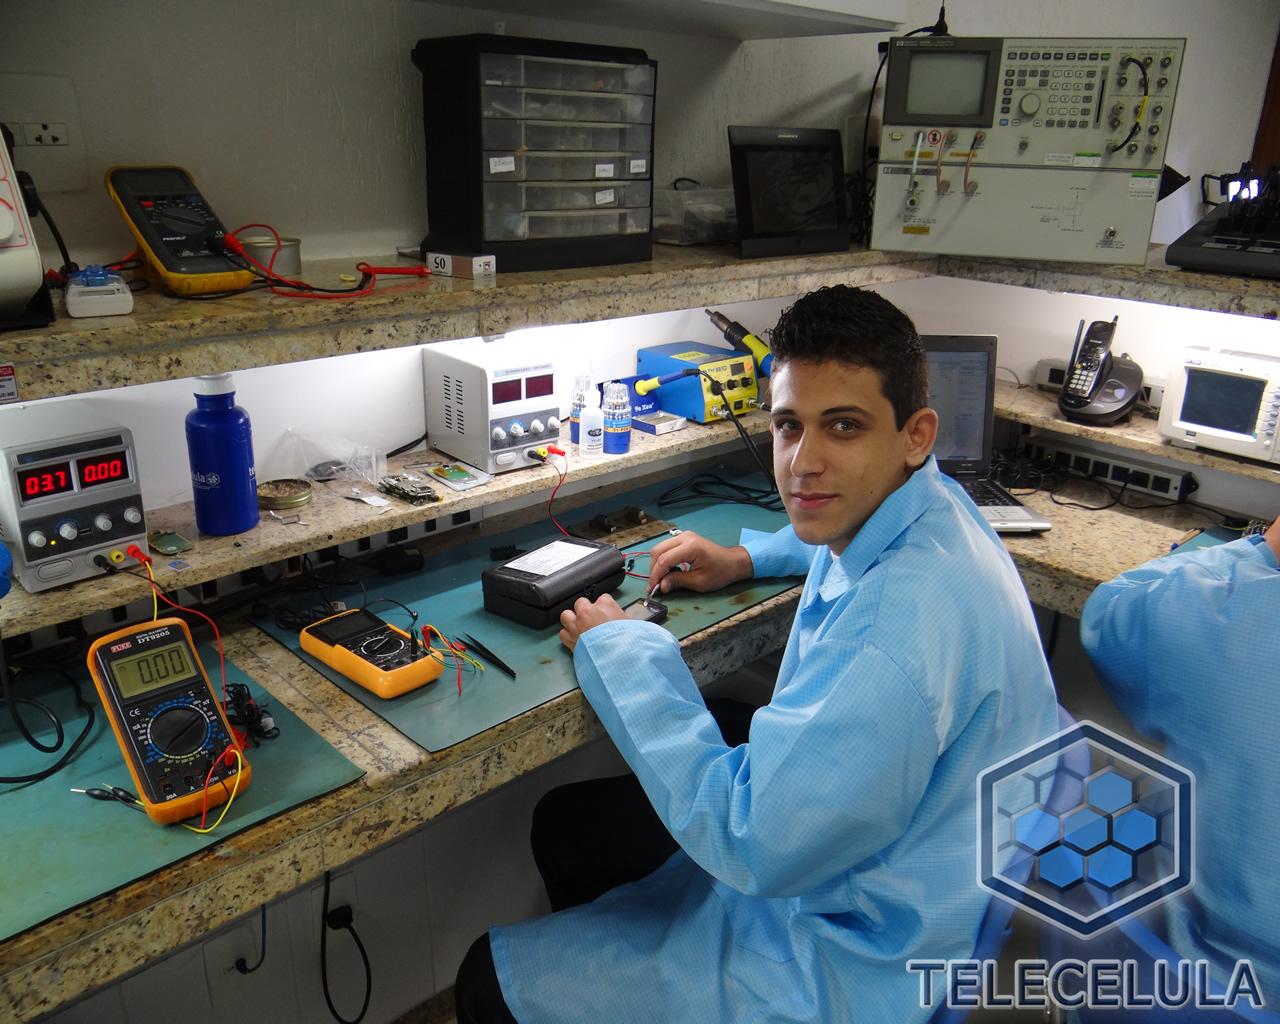 Fotos Treinamento Telecelula Eletrônica Básica e Bancada  #346A97 1280x1024